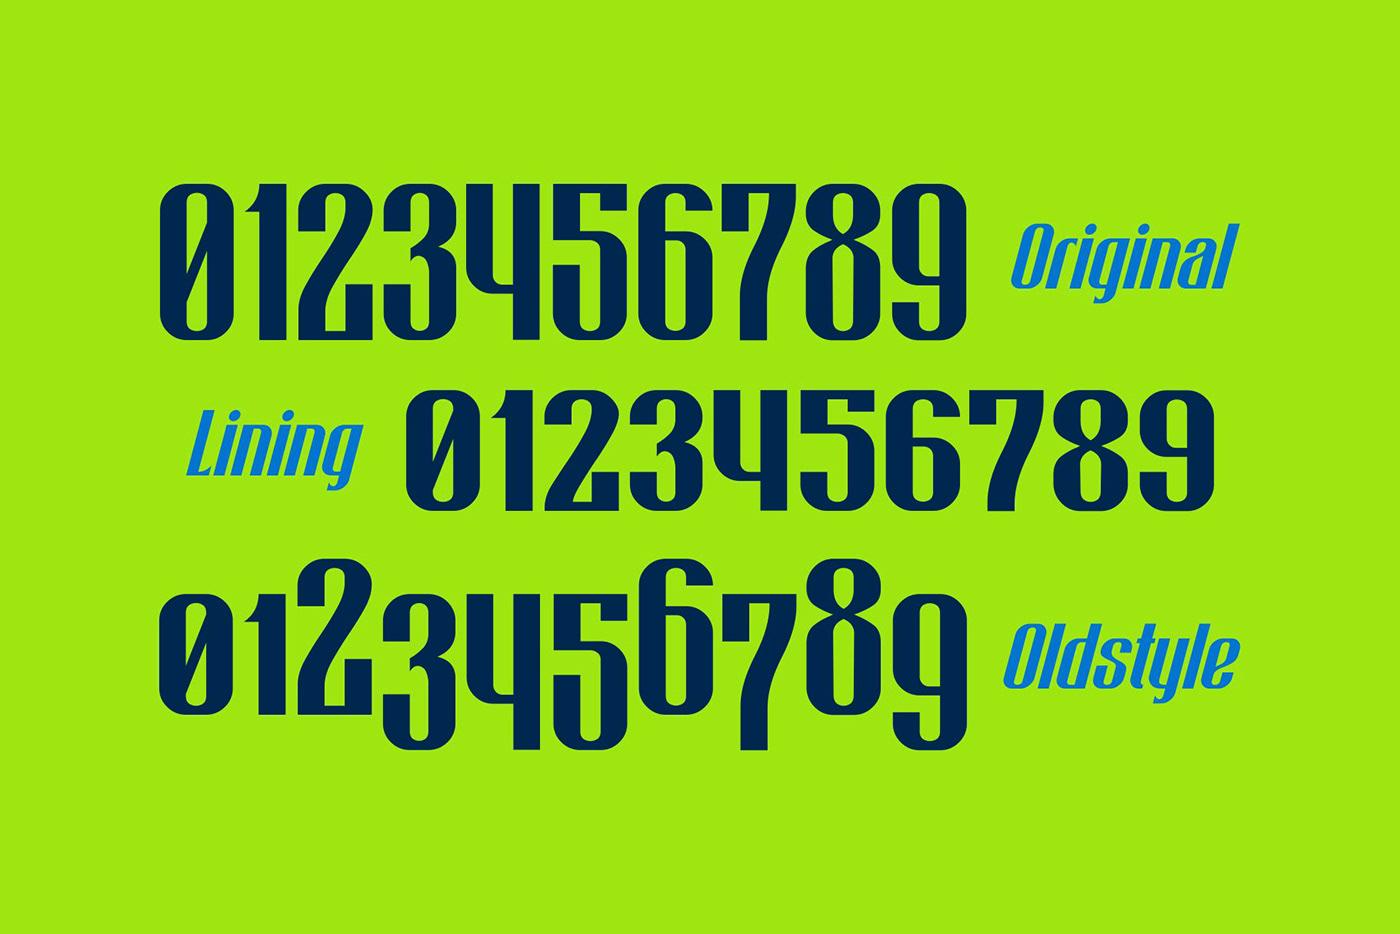 Image may contain: font and screenshot